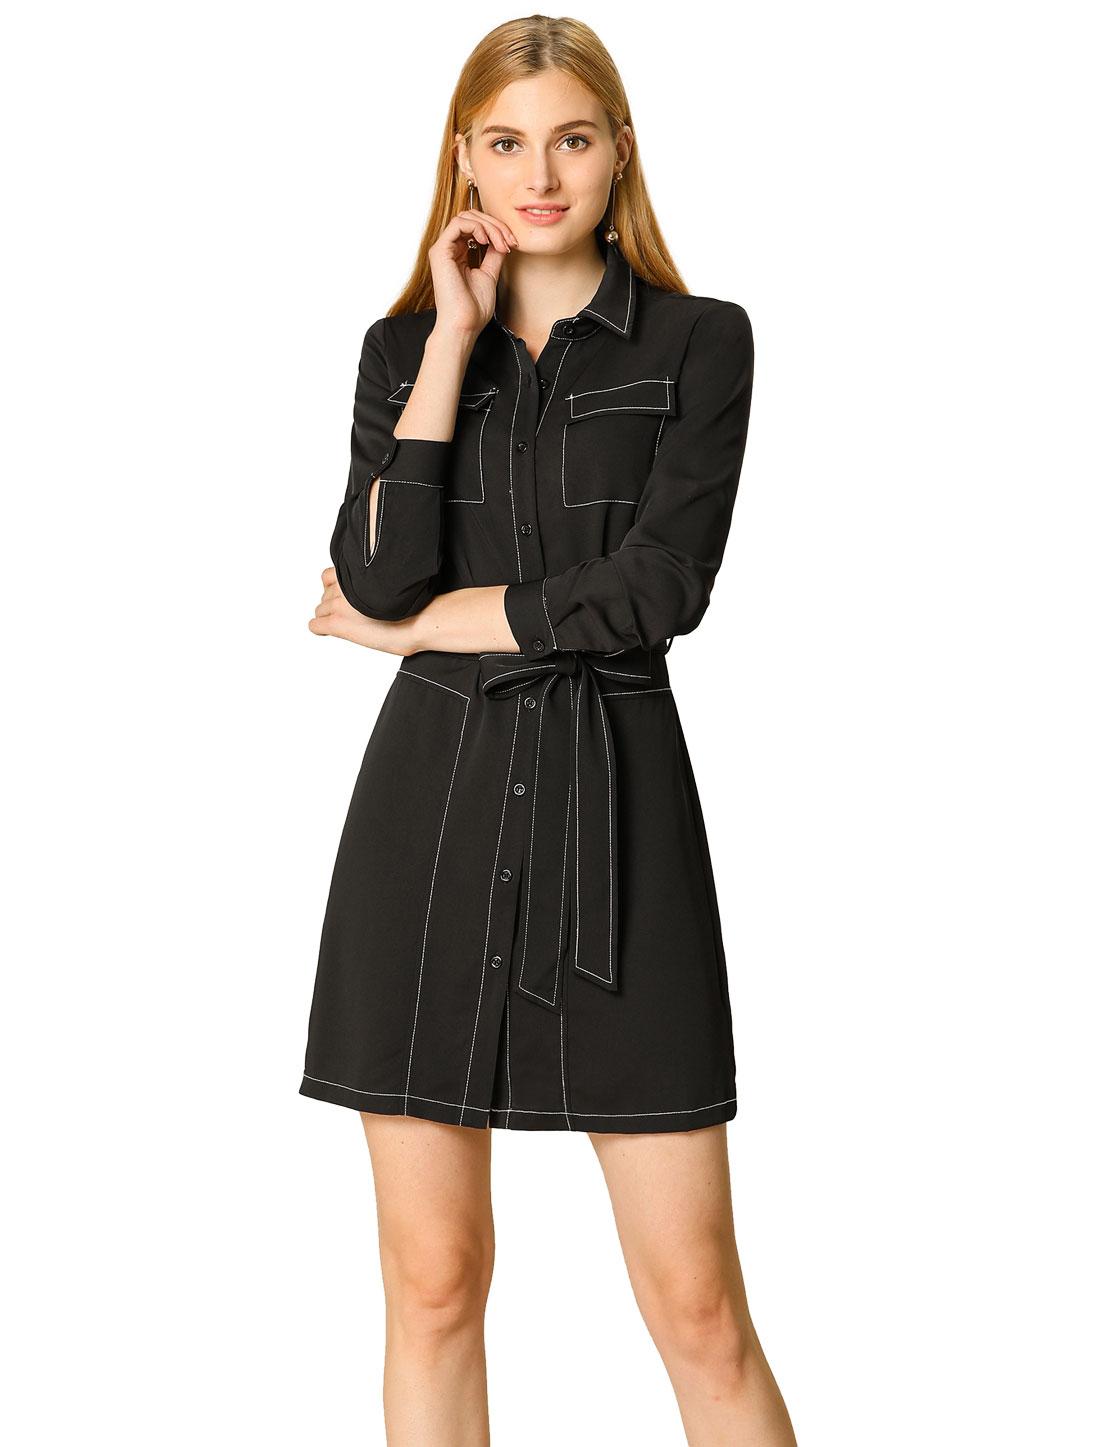 Allegra K Women's Contrast Long Sleeves Belted Waist Dress Black XL